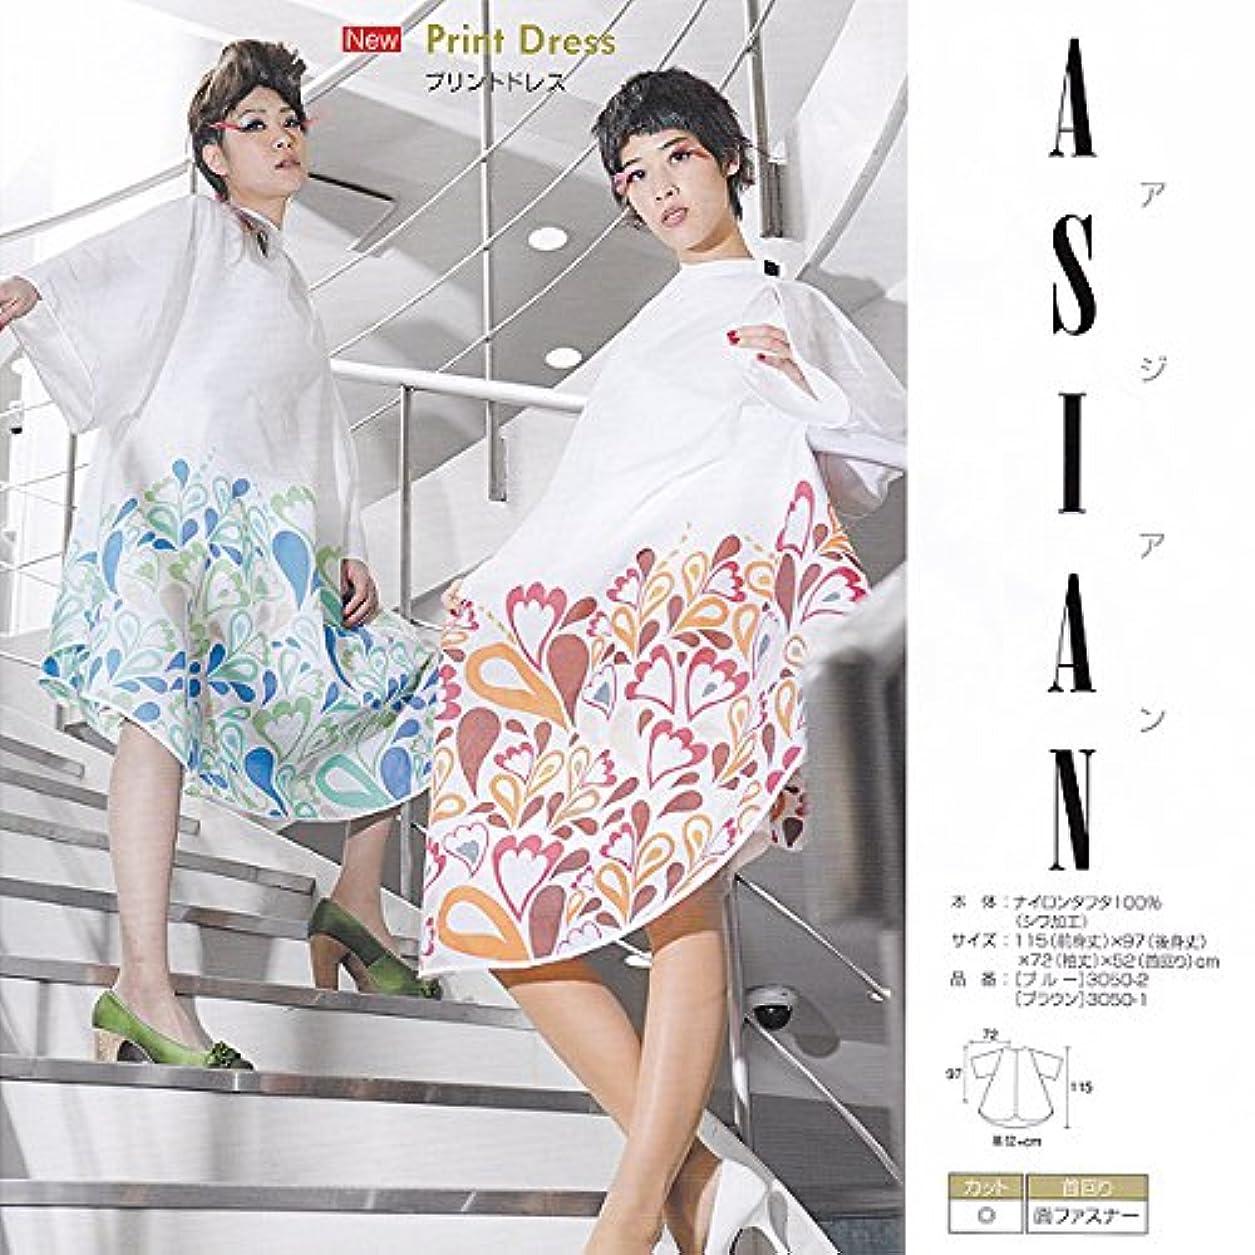 先見の明汚い補助WAKO ASIAN アジアンプリントドレス №3050 3050-2(アジアンブルー) 115(前身丈)×97(後身丈)×72(袖丈)×52(首回リ)